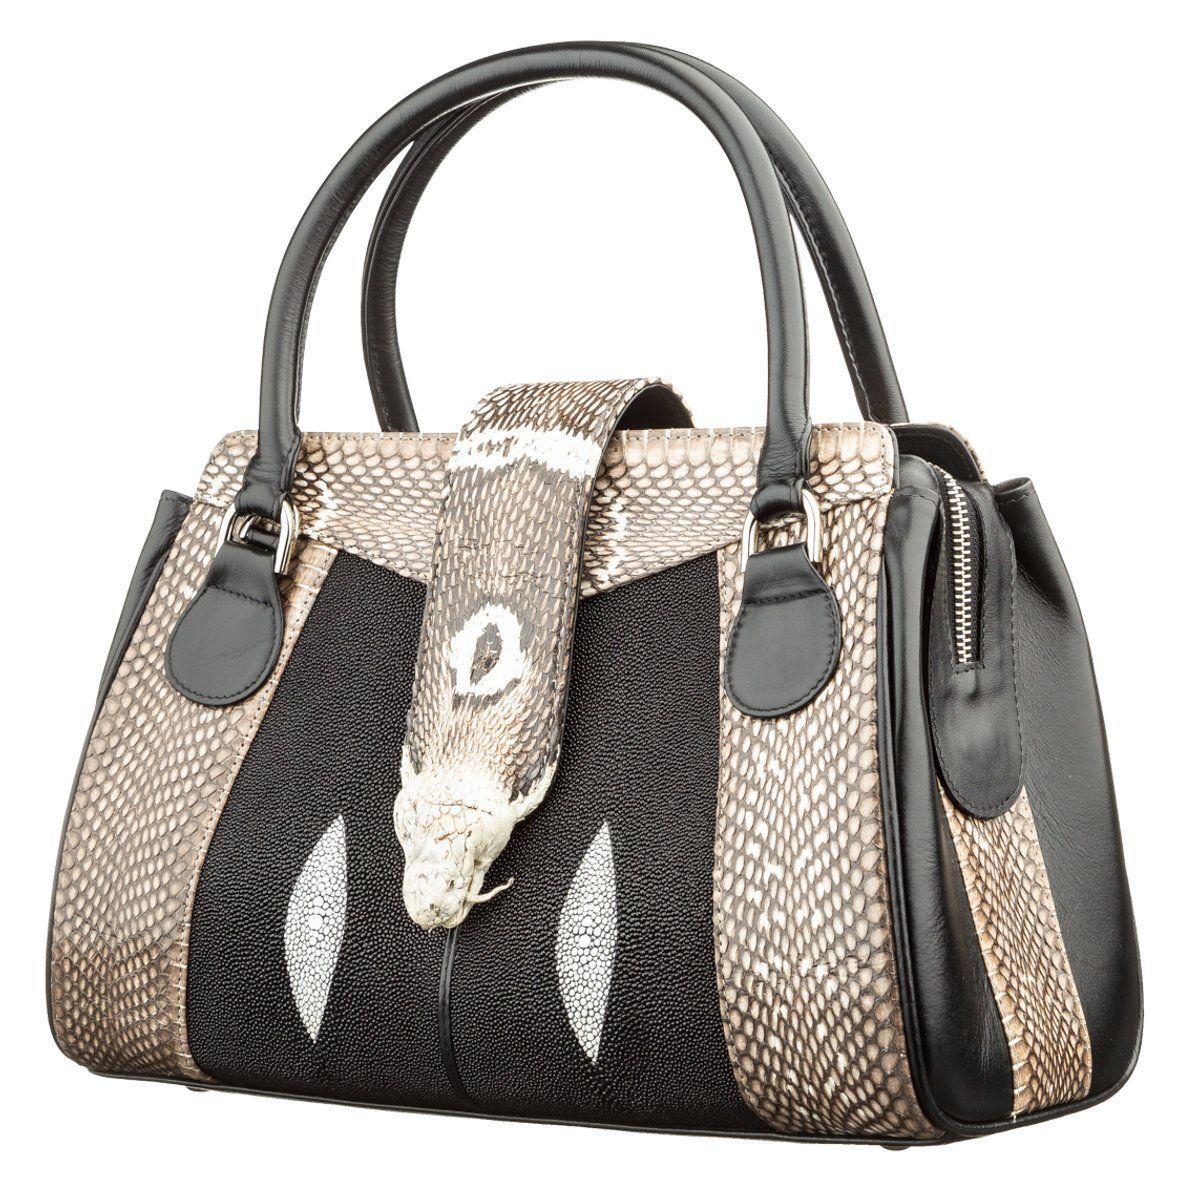 Сумка Женская Stingray Leather 18502 Из Натуральной Кожи Морского Ската Со Вставками Из Кожи Питона Черная, Черный